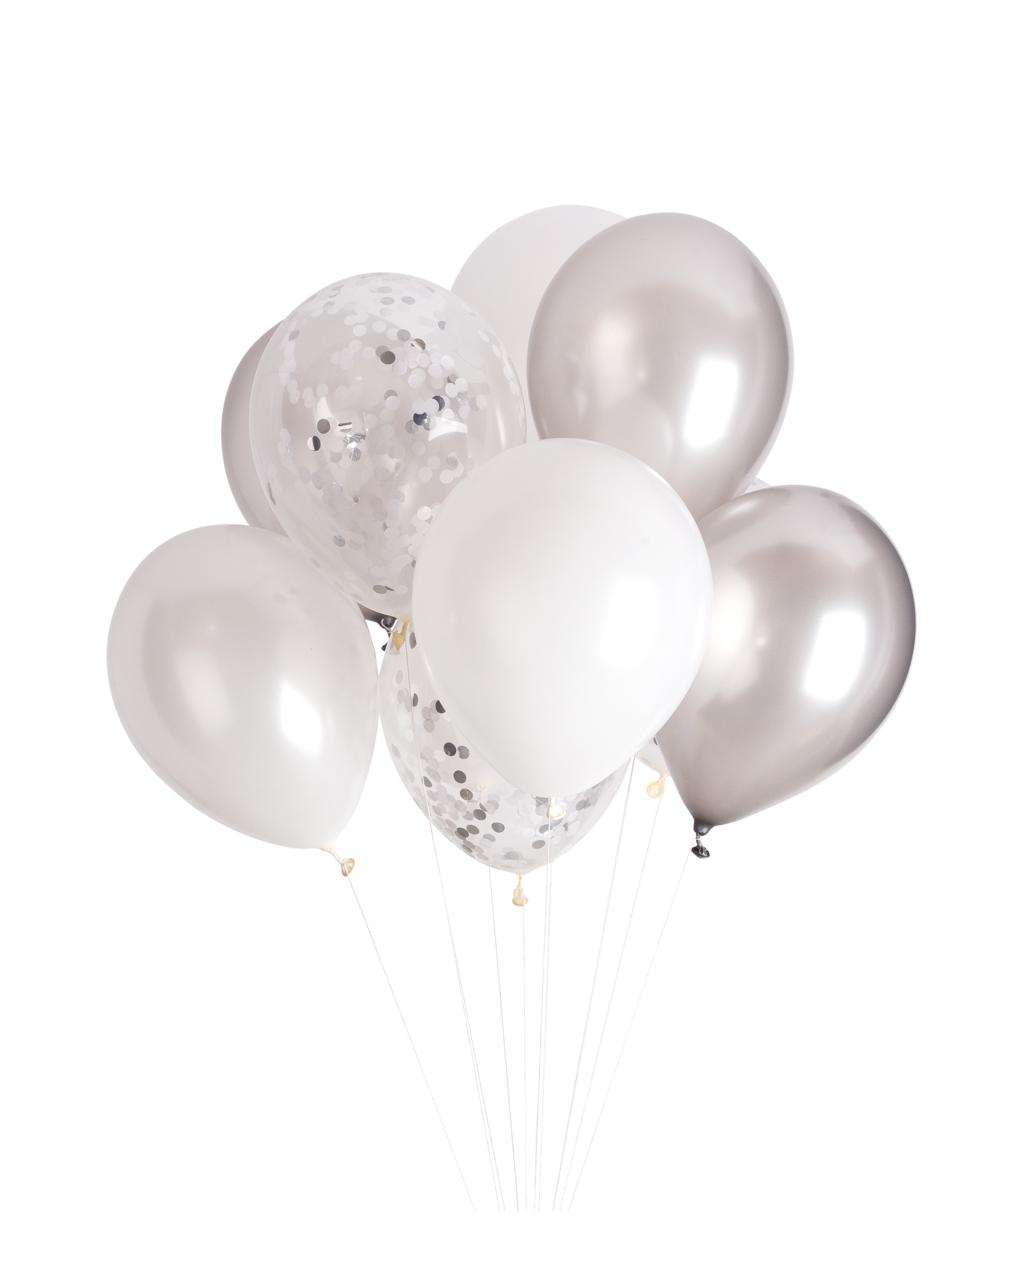 Shine Classic Balloons Festa De Formatura Convite Decoracao